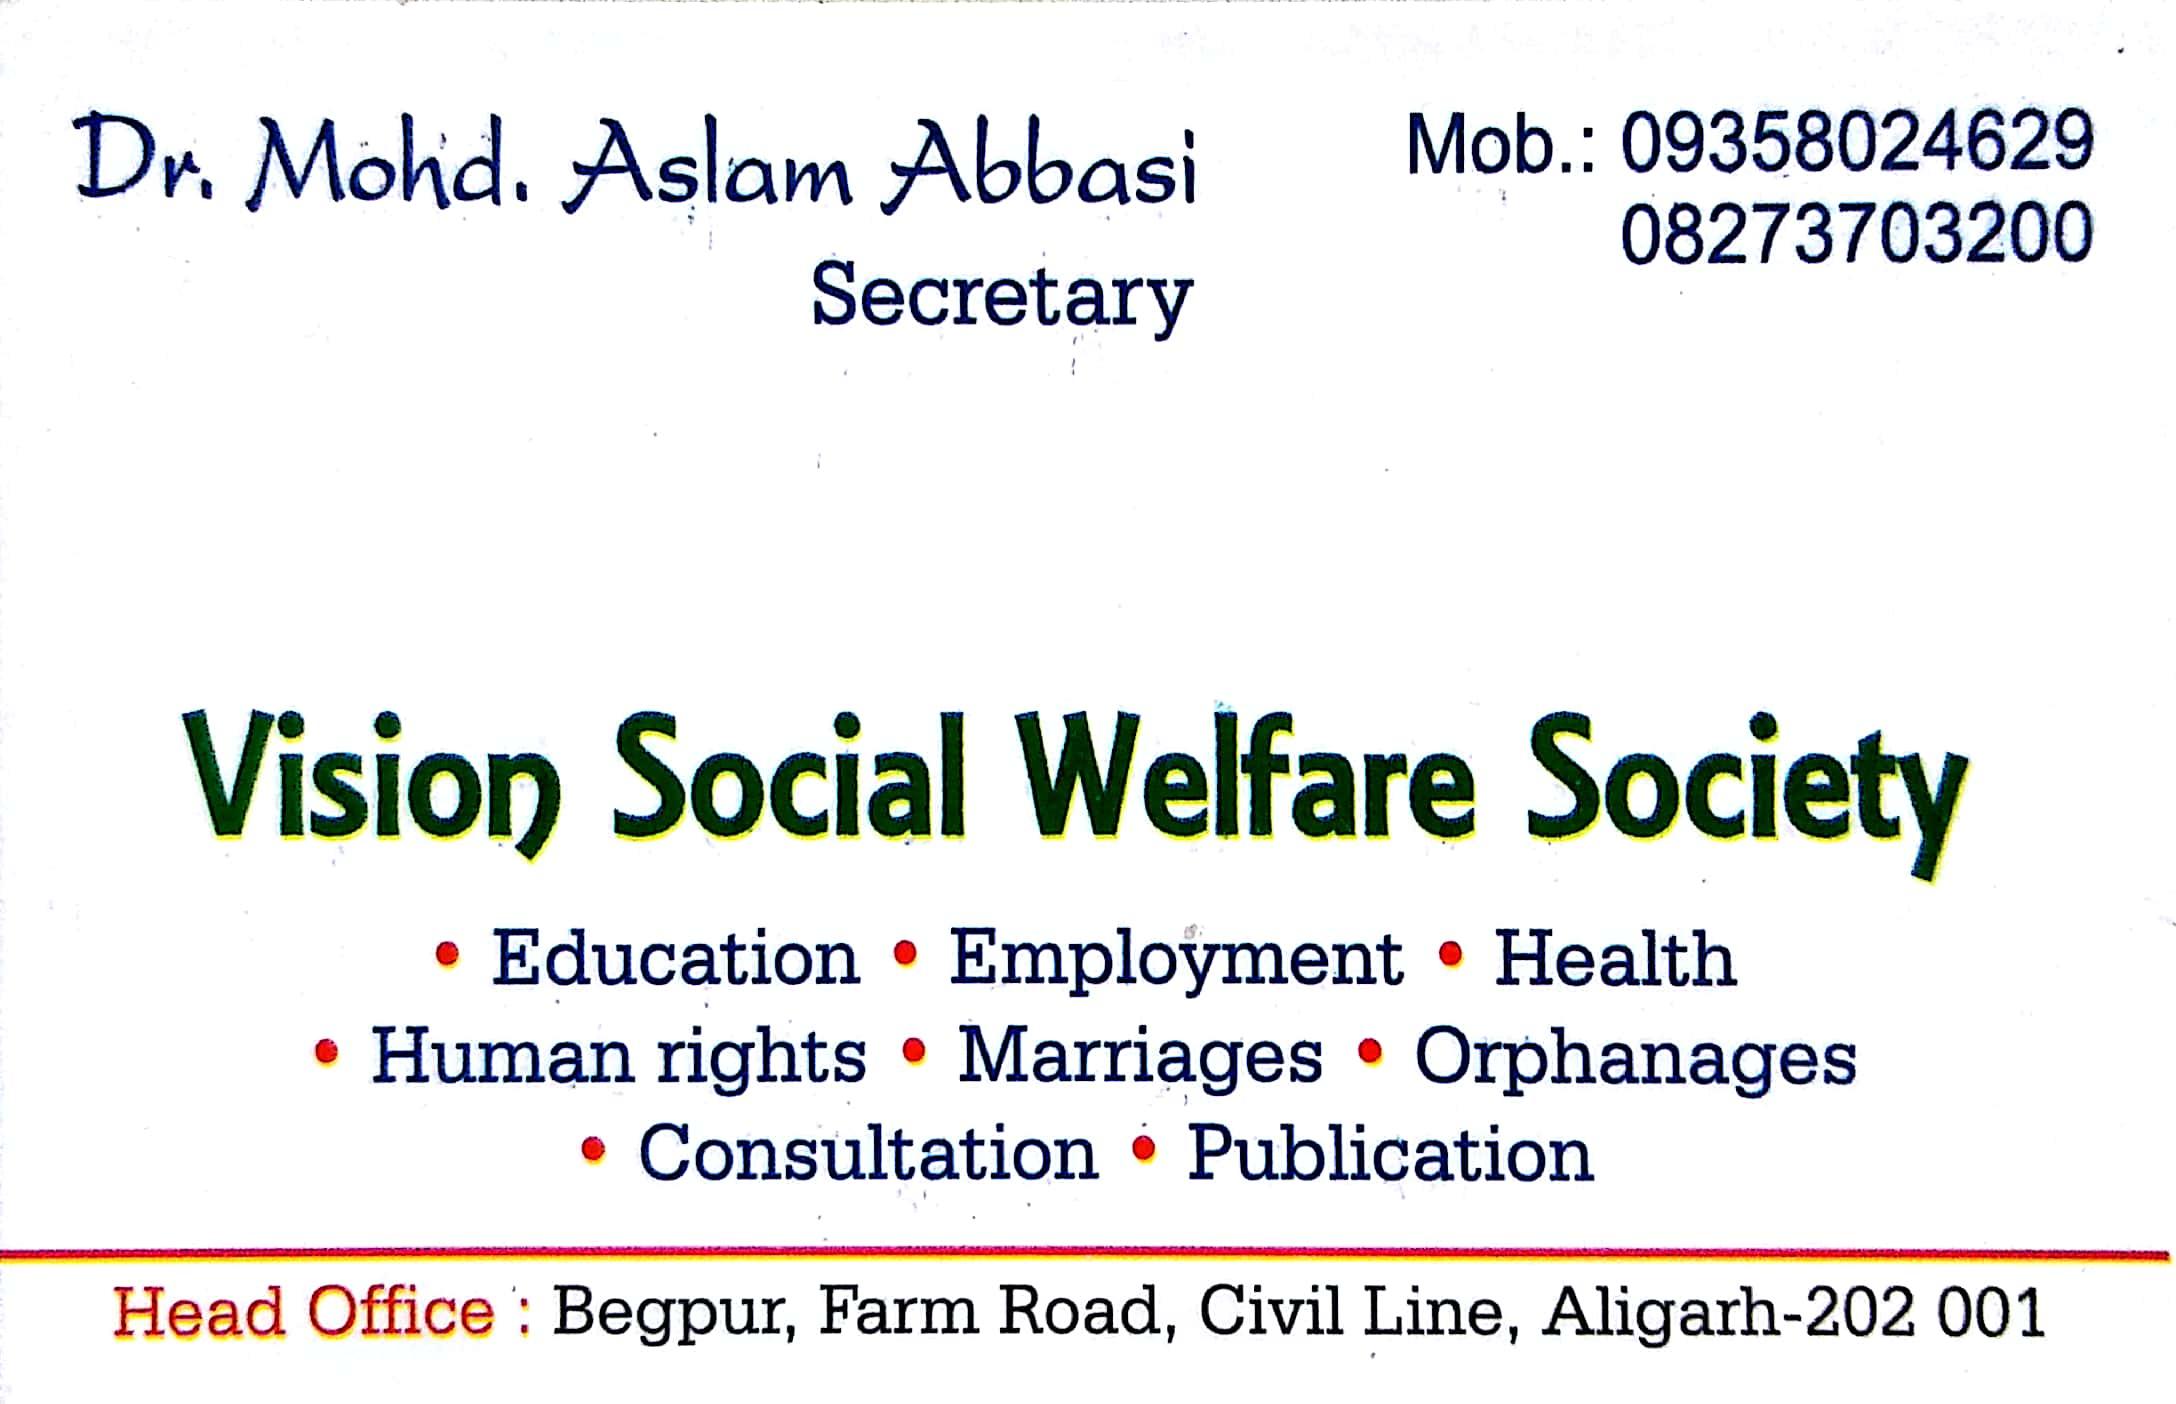 VISION SOCIAL WELFARE SOCIETY| BEST WELFARE SOCIETY IN ALIGARH FAINS-BAZAAR